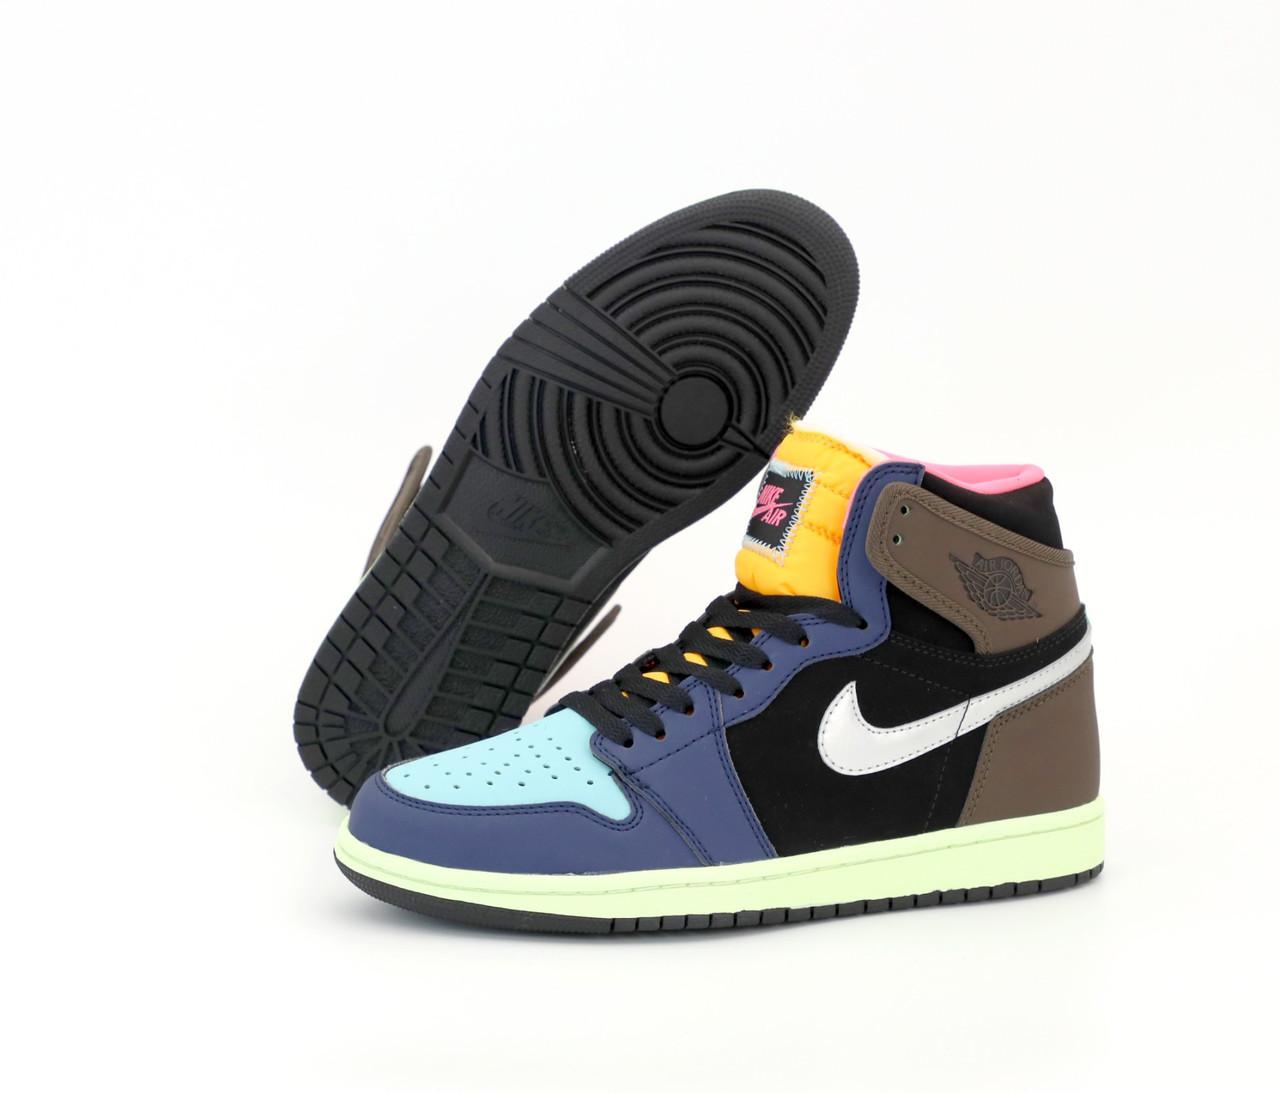 Мужские кроссовки Nike Air Jordan 1 Retro. [Размеры в наличии: 41,42,43,44,45]